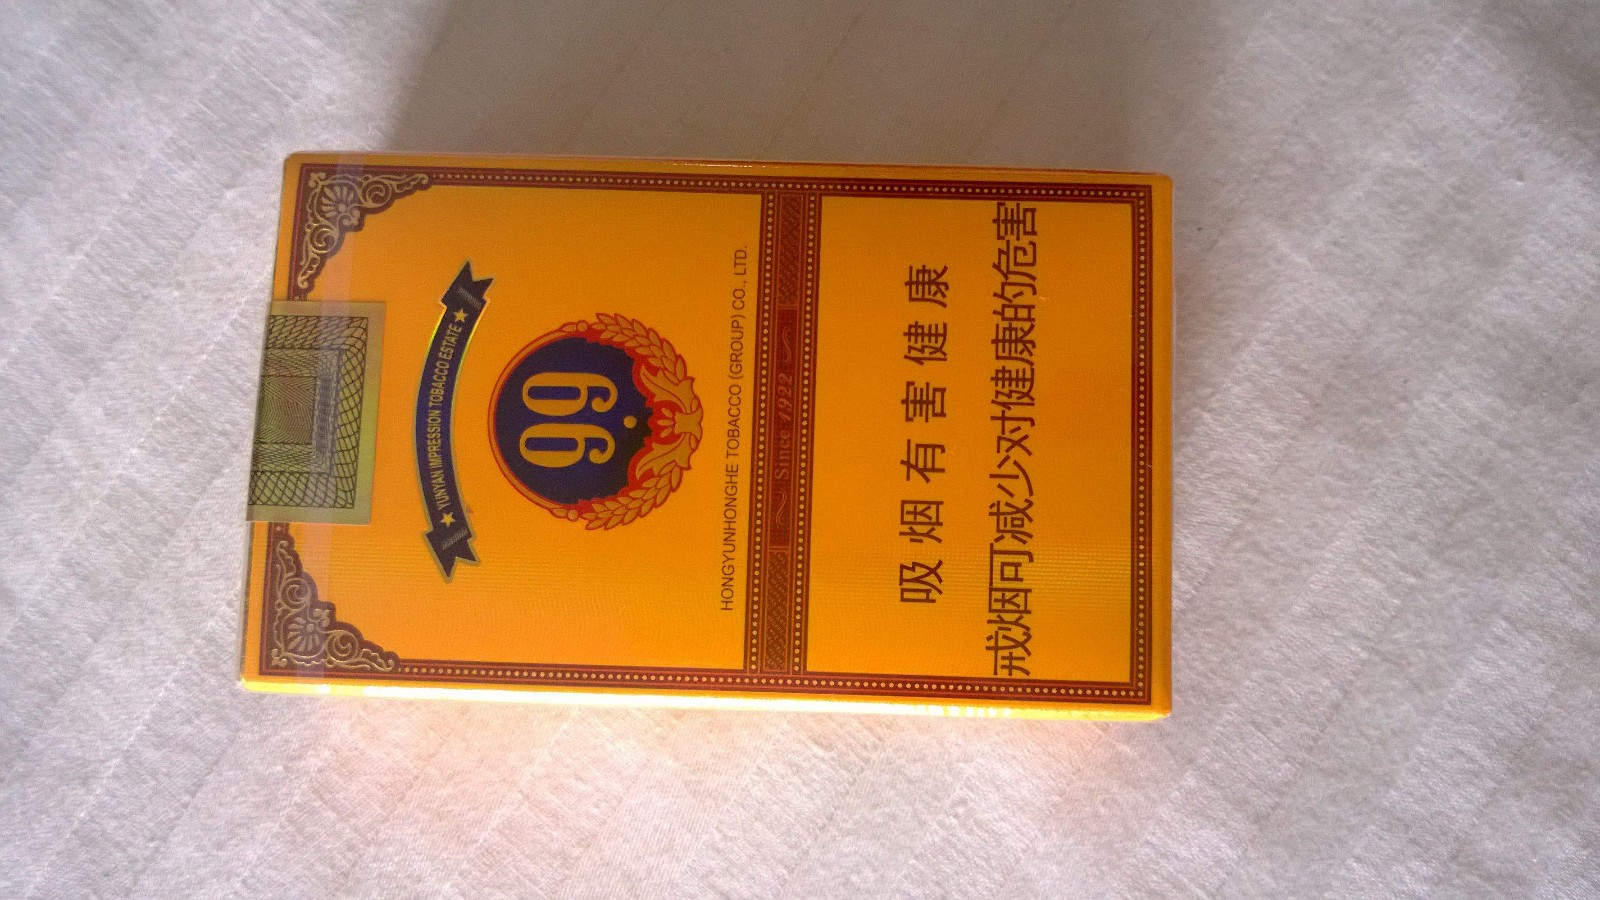 泰国大重九香烟价格_99元一包的香烟有那些_百度知道